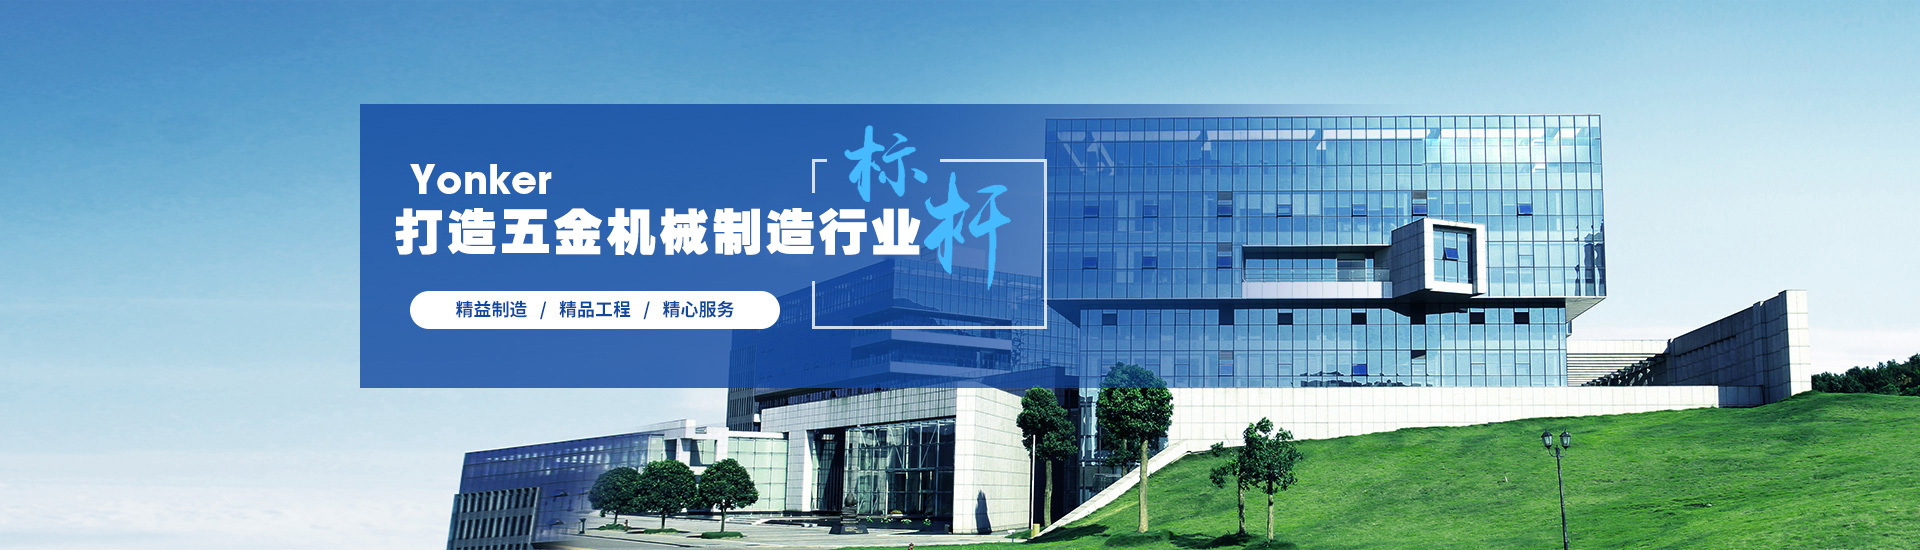 济ning凯发手机客户端下载denglugong贸有xian公司